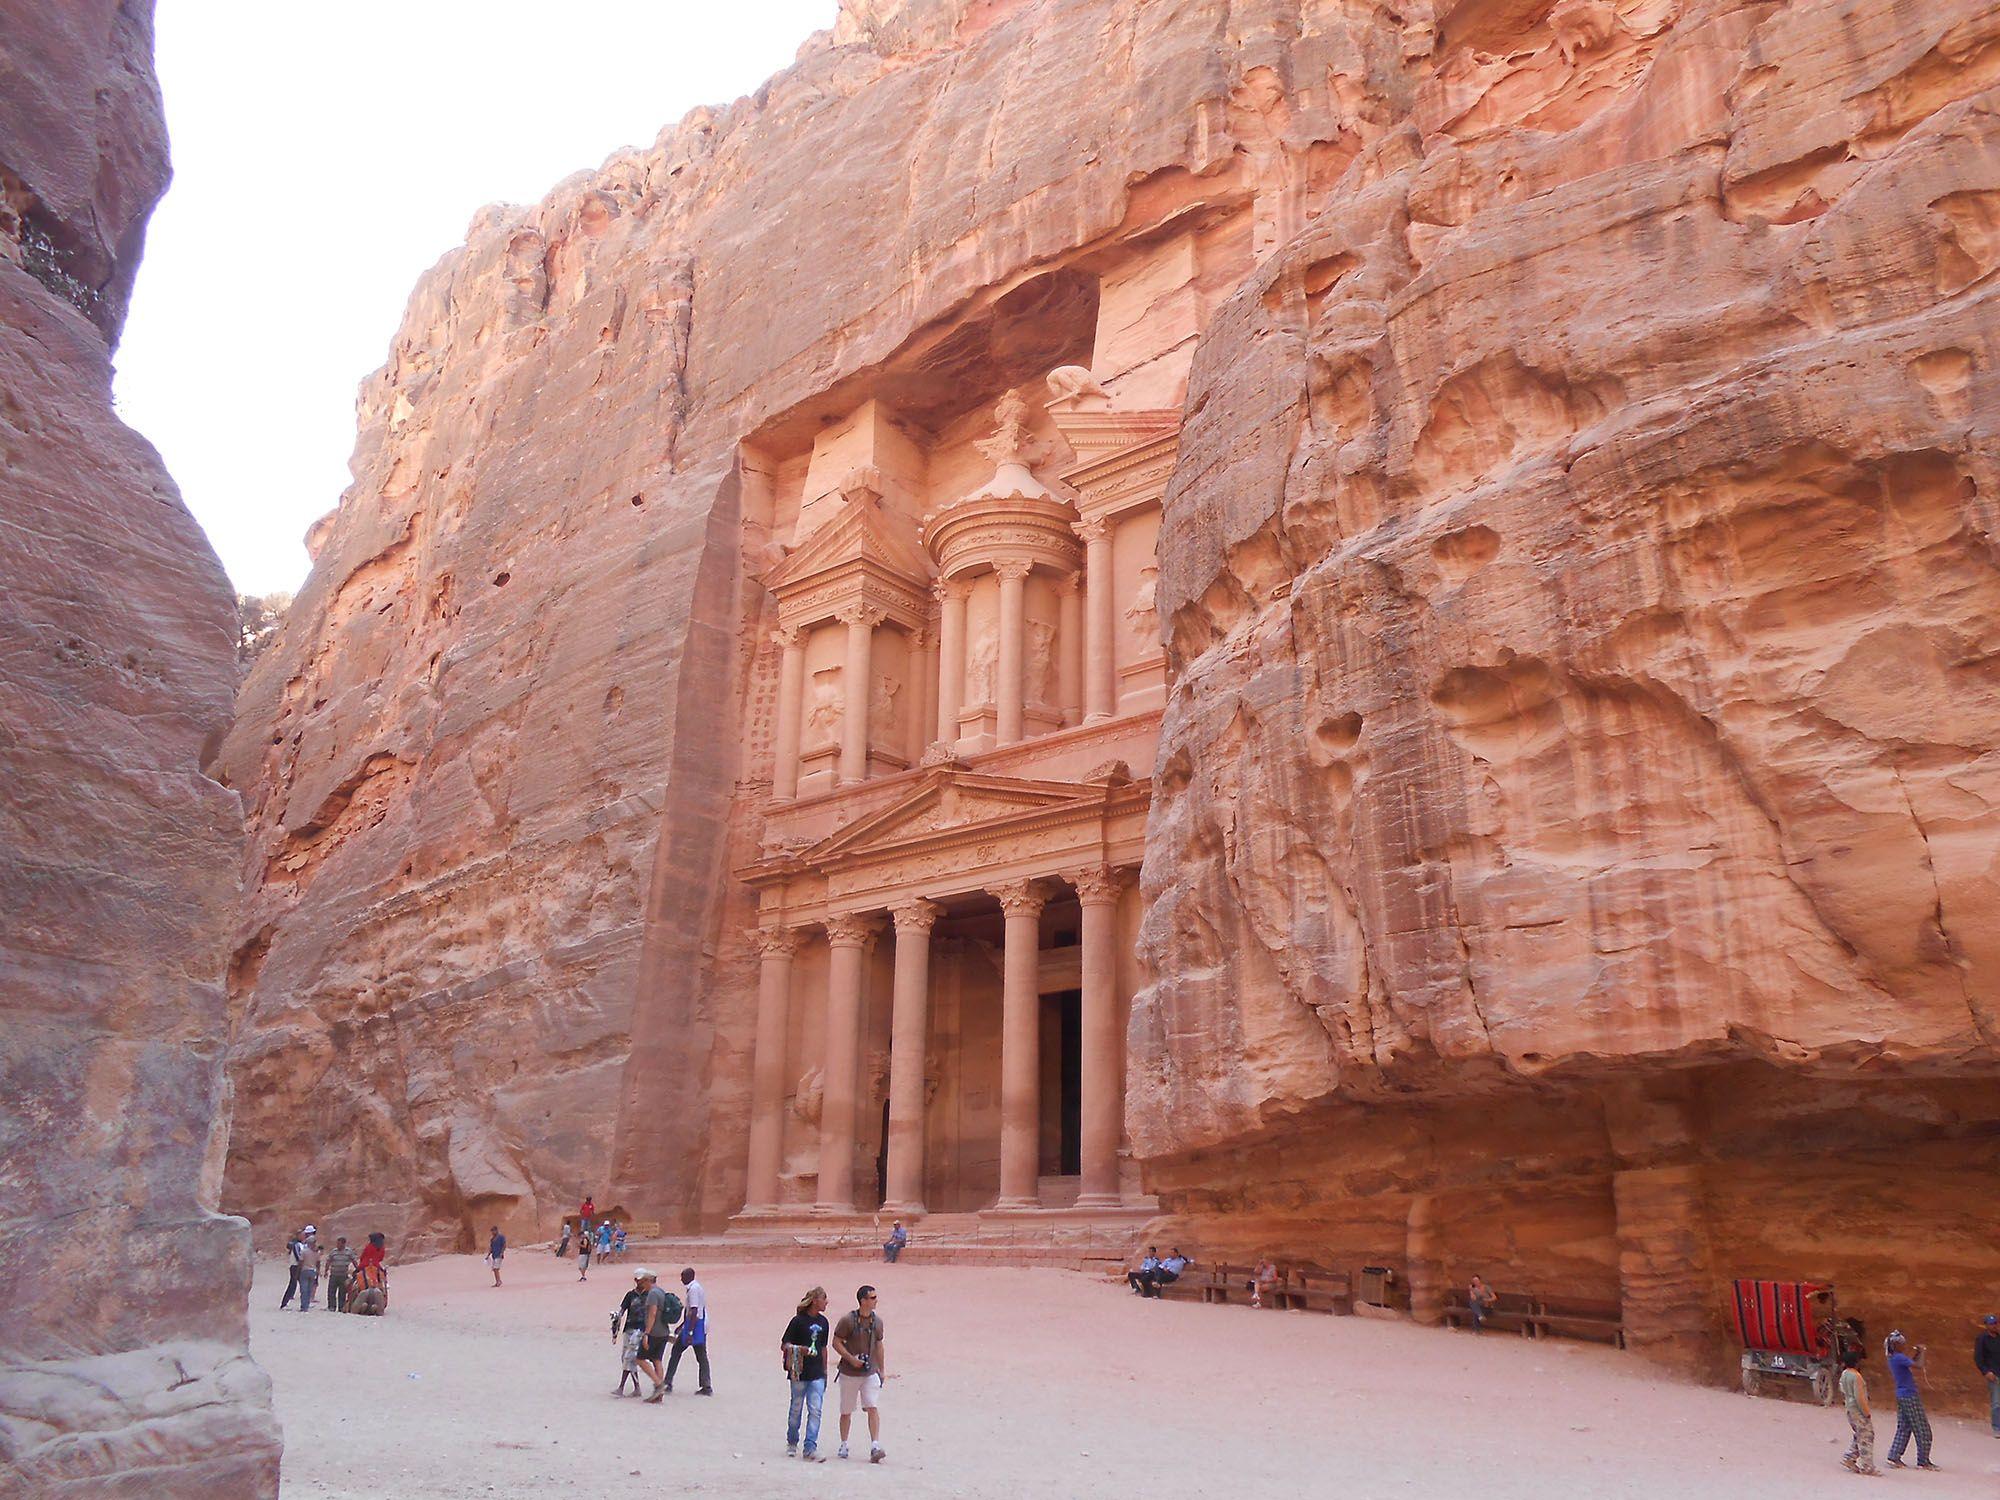 Rondreizen naar Jordanië